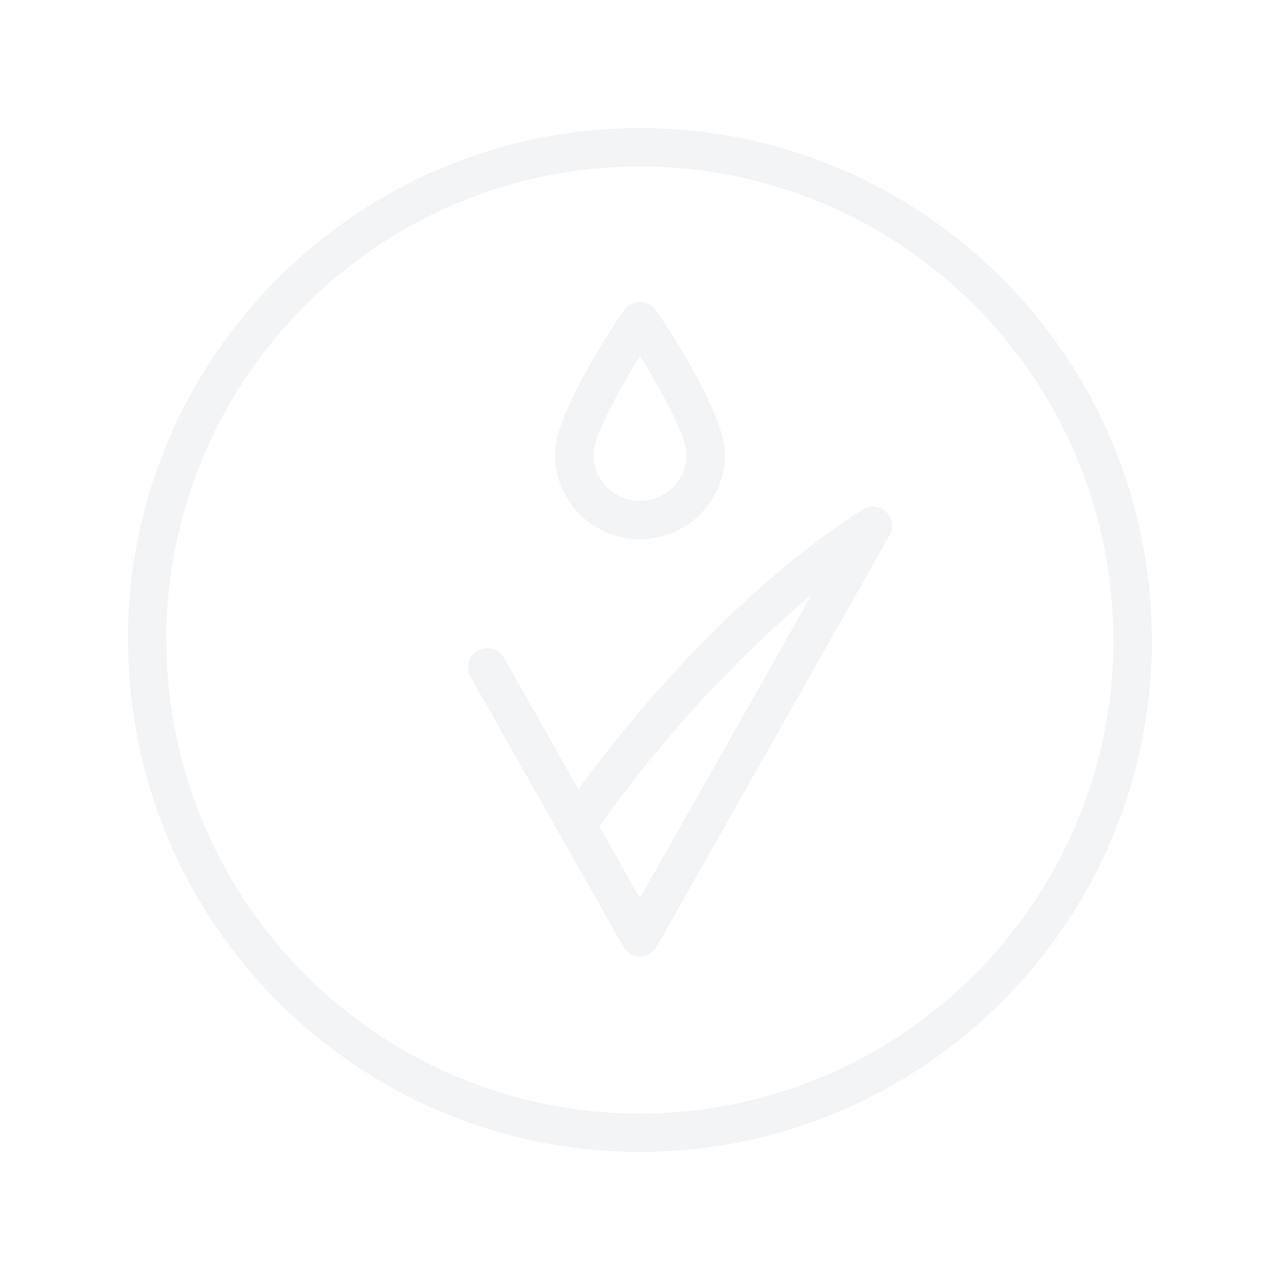 Max Factor Creme Puff Pressed Powder No.42 Deep Beige 21g